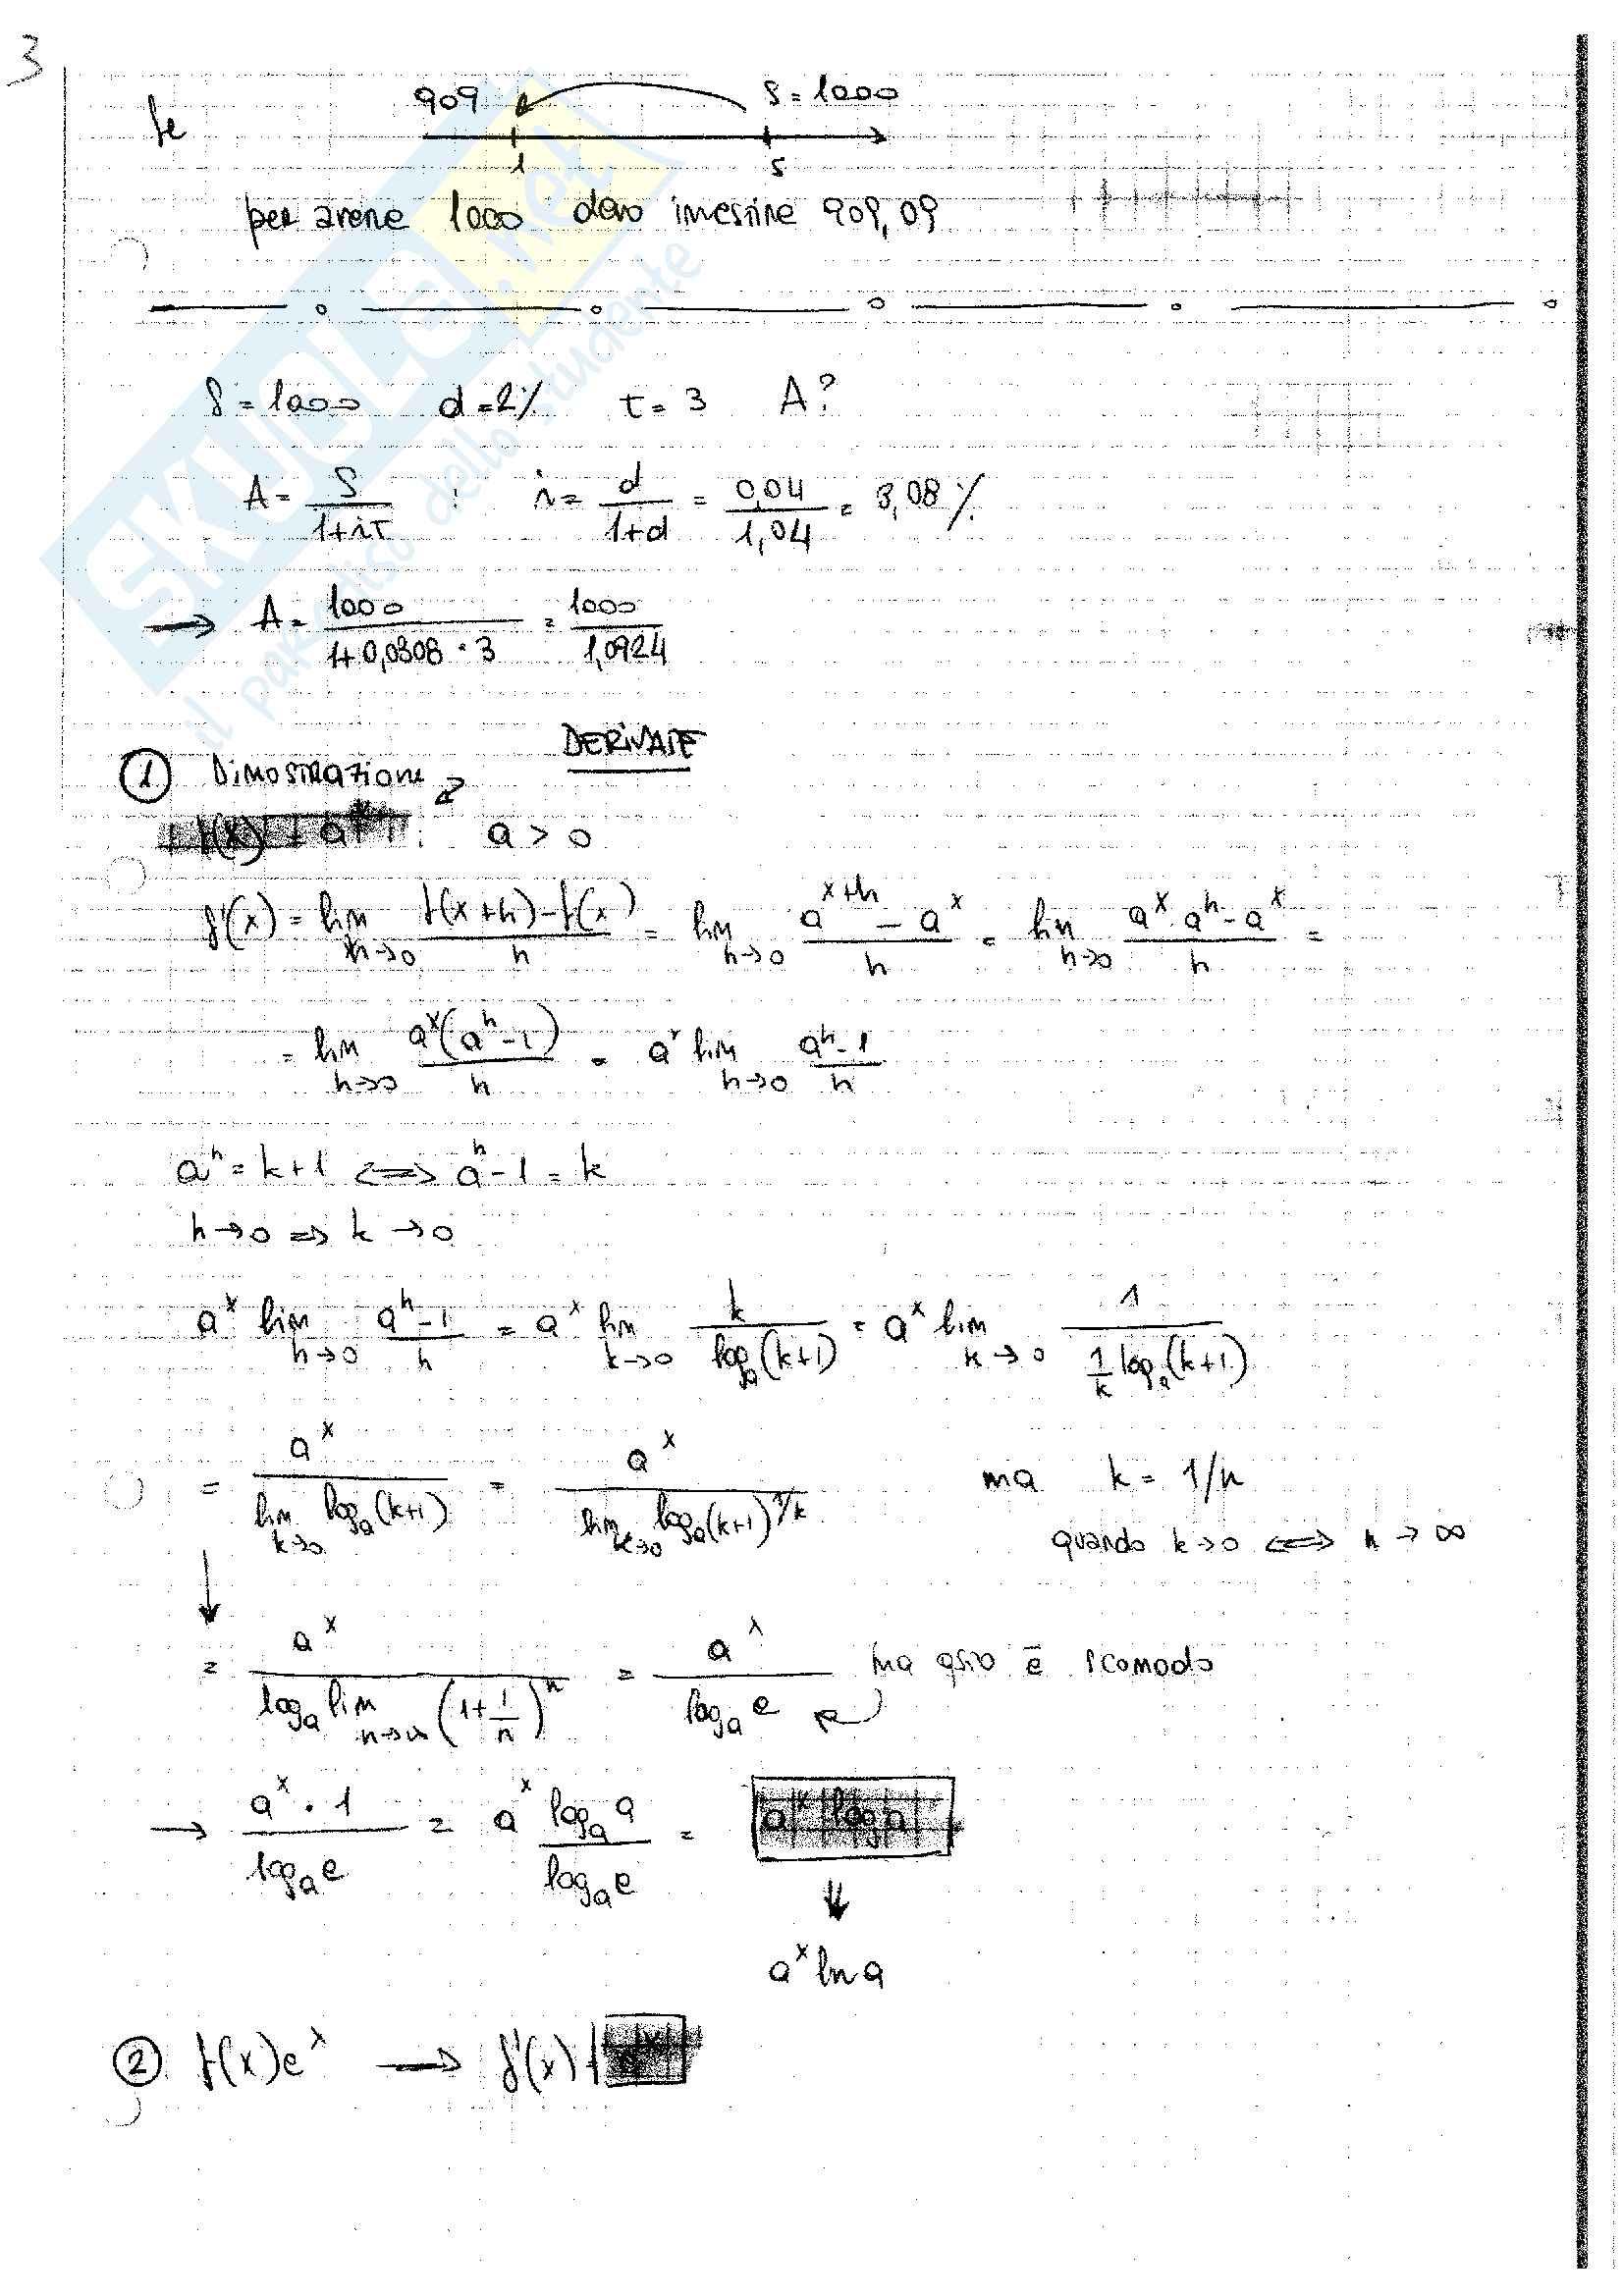 Matematica per l'azienda (3° parte)